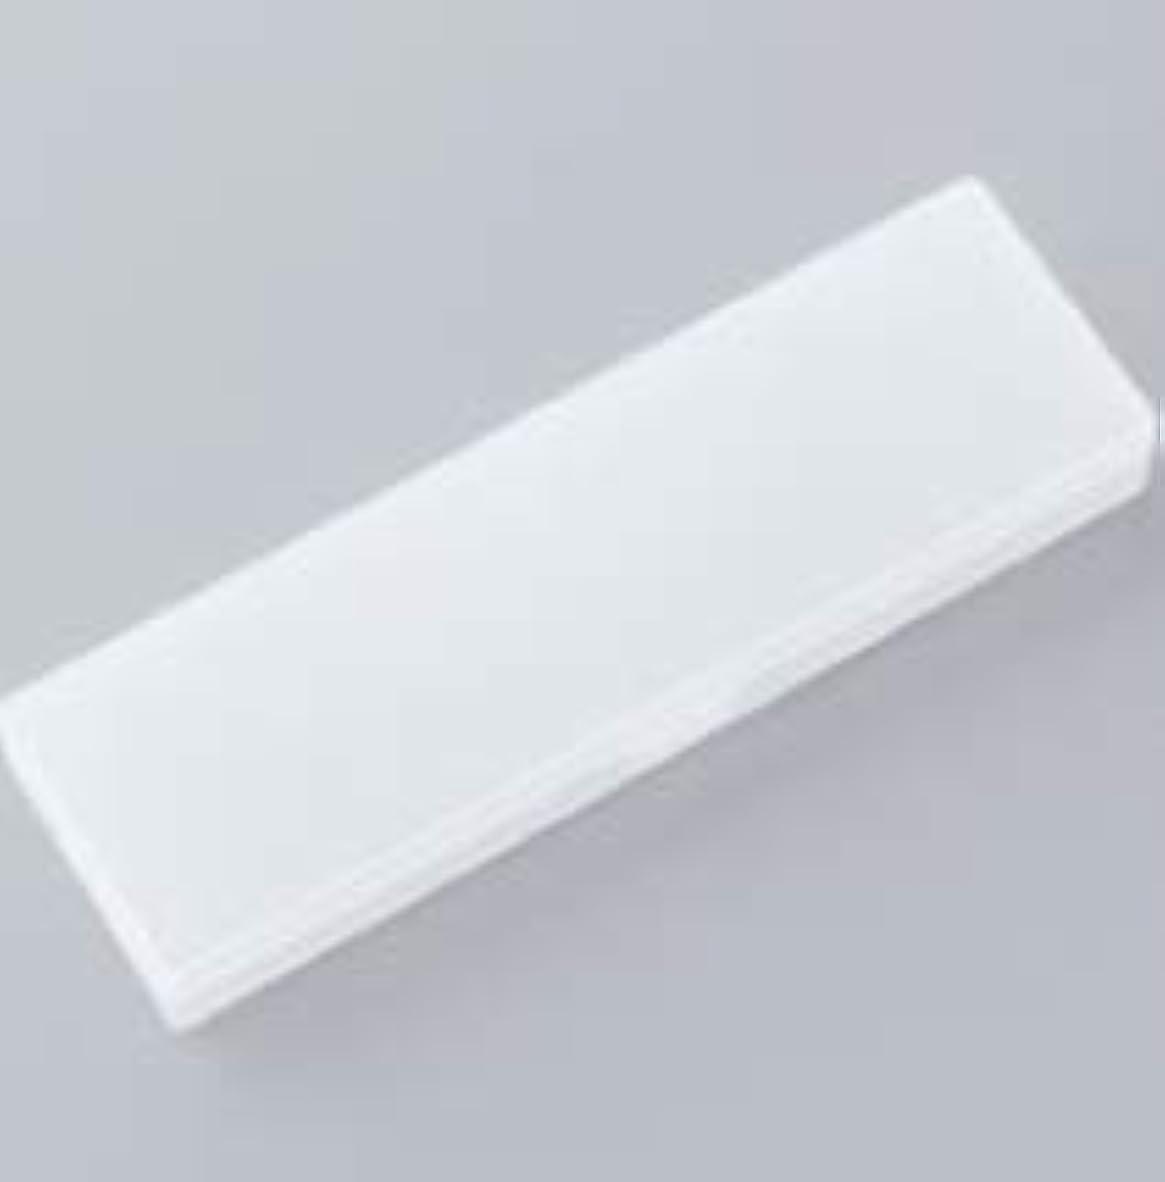 対称心から回るQiilu ペンボックス 鉛筆ホルダー 筆箱 シンプル 白透明 ボックス 小物収納ボックス 学生文具 学生用 事務用品(白)